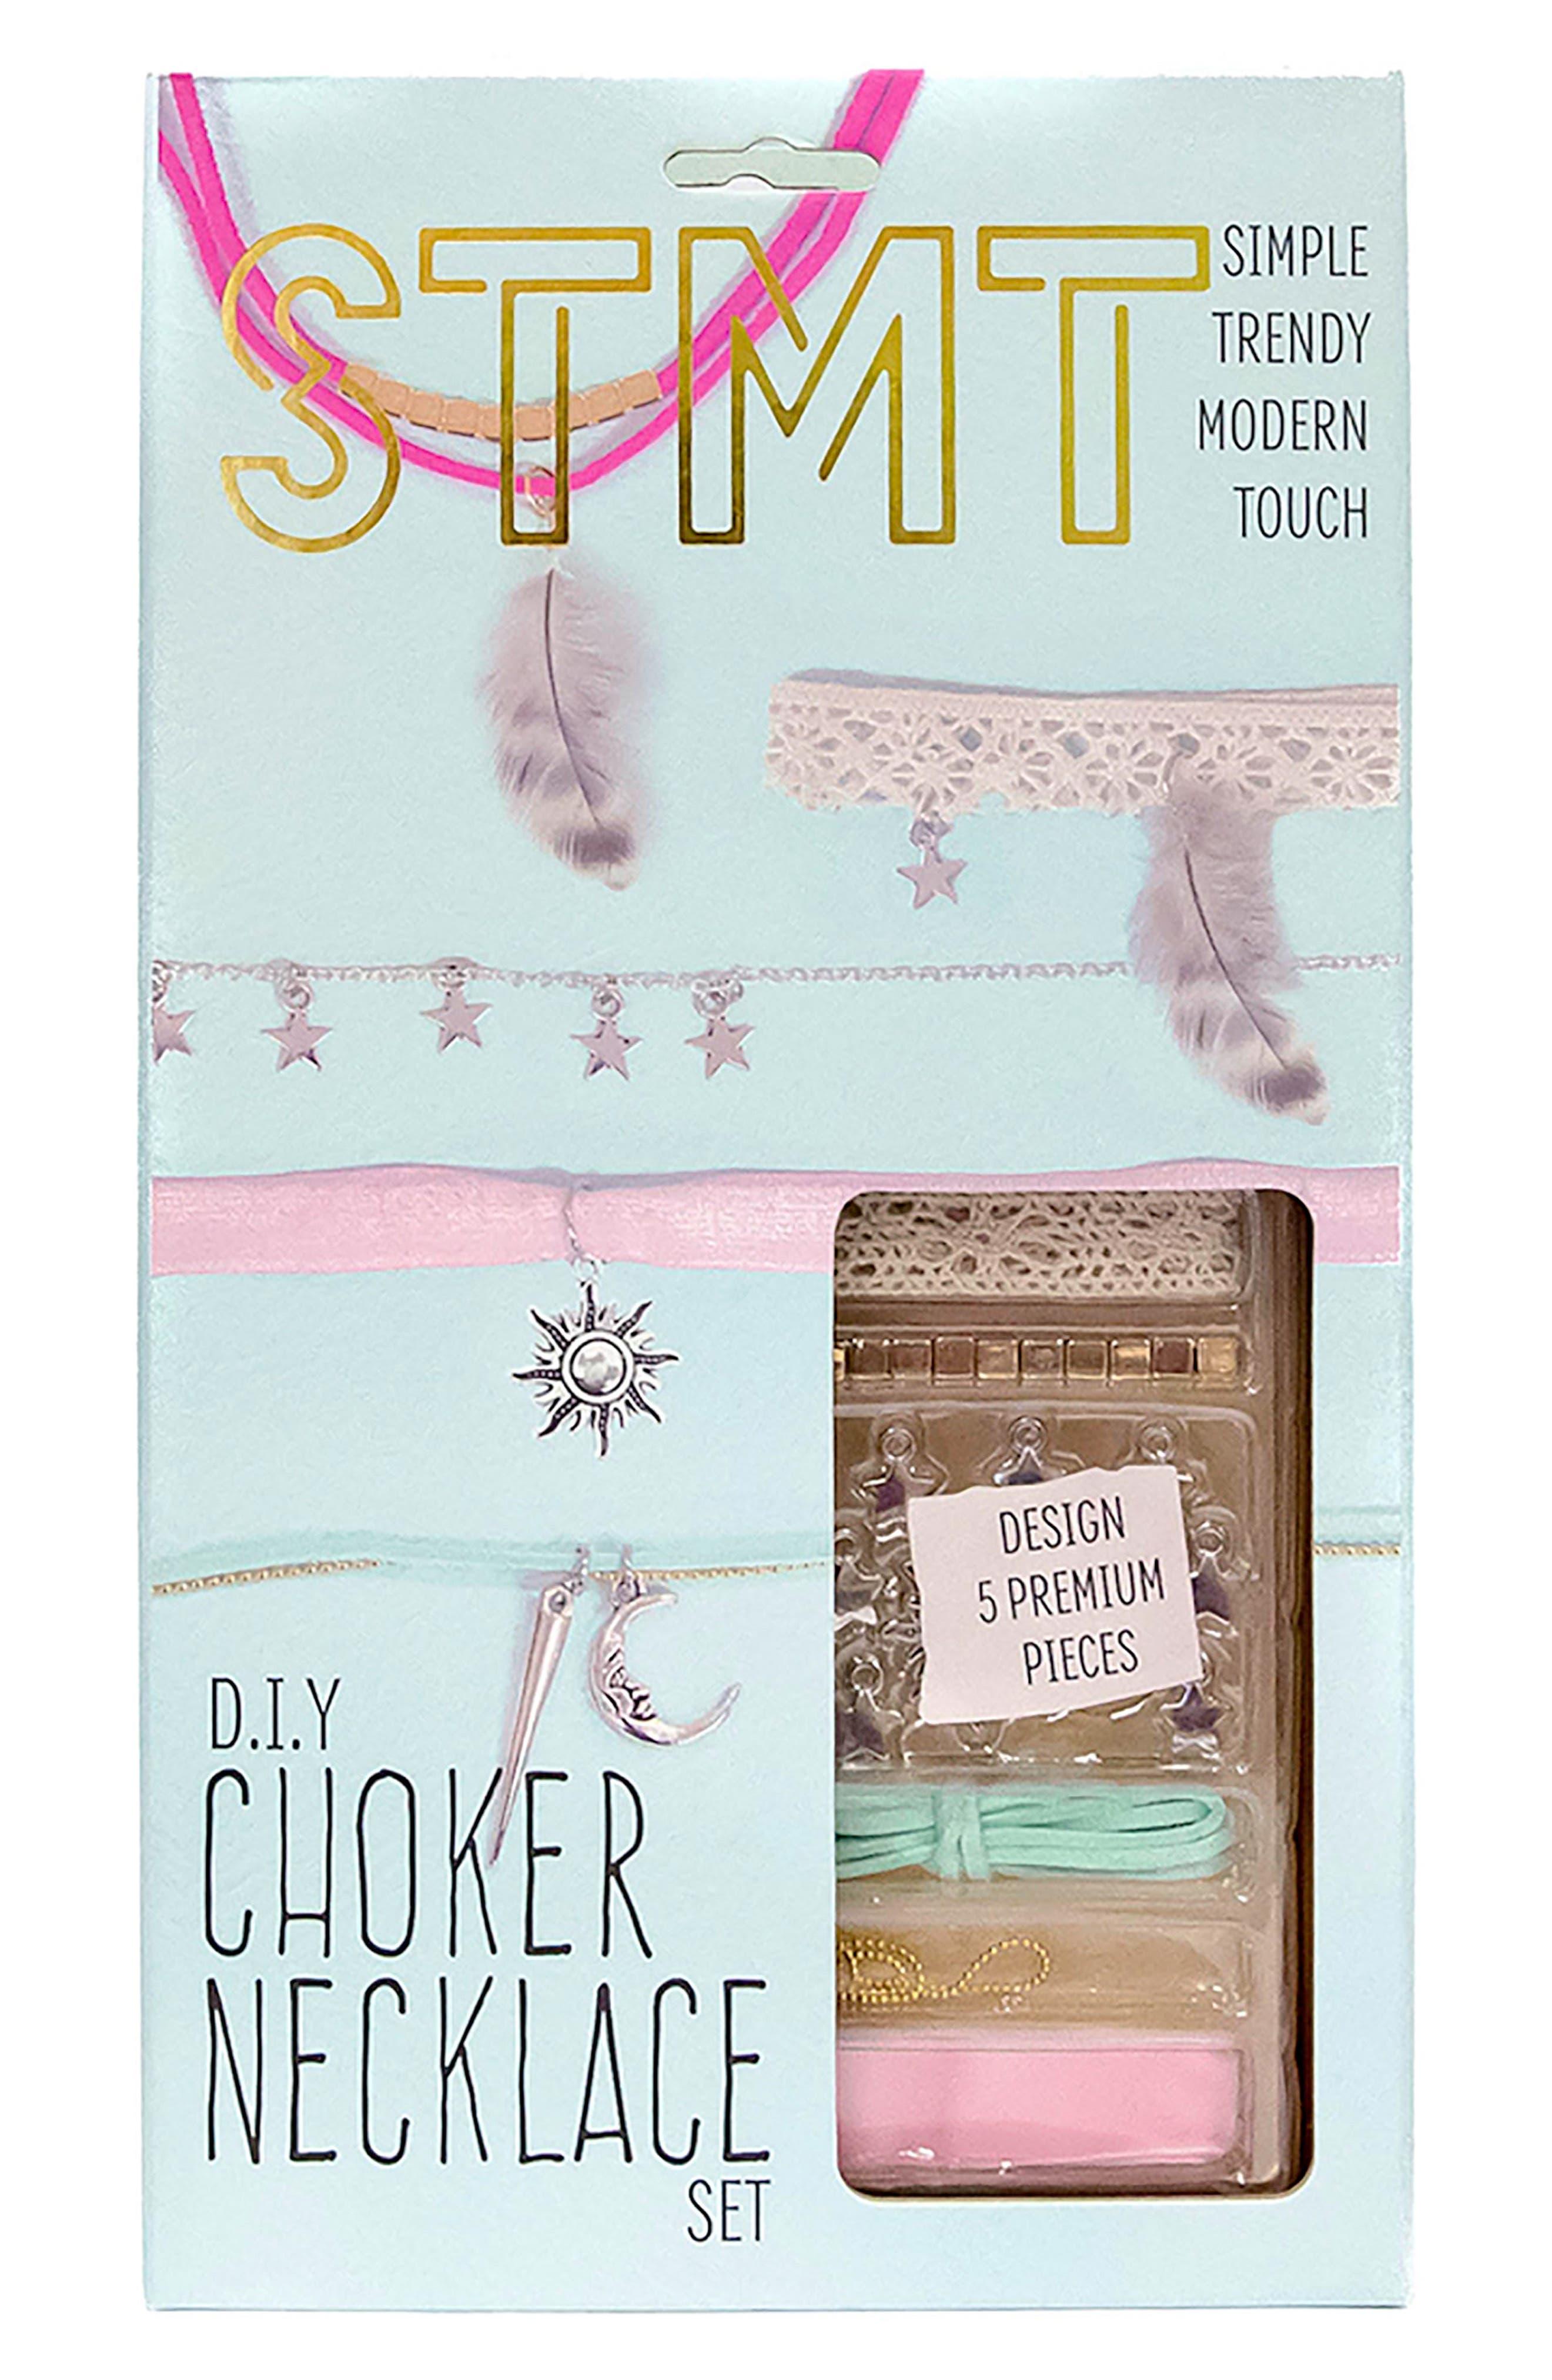 Main Image - STMT D.I.Y. Choker Necklace Set